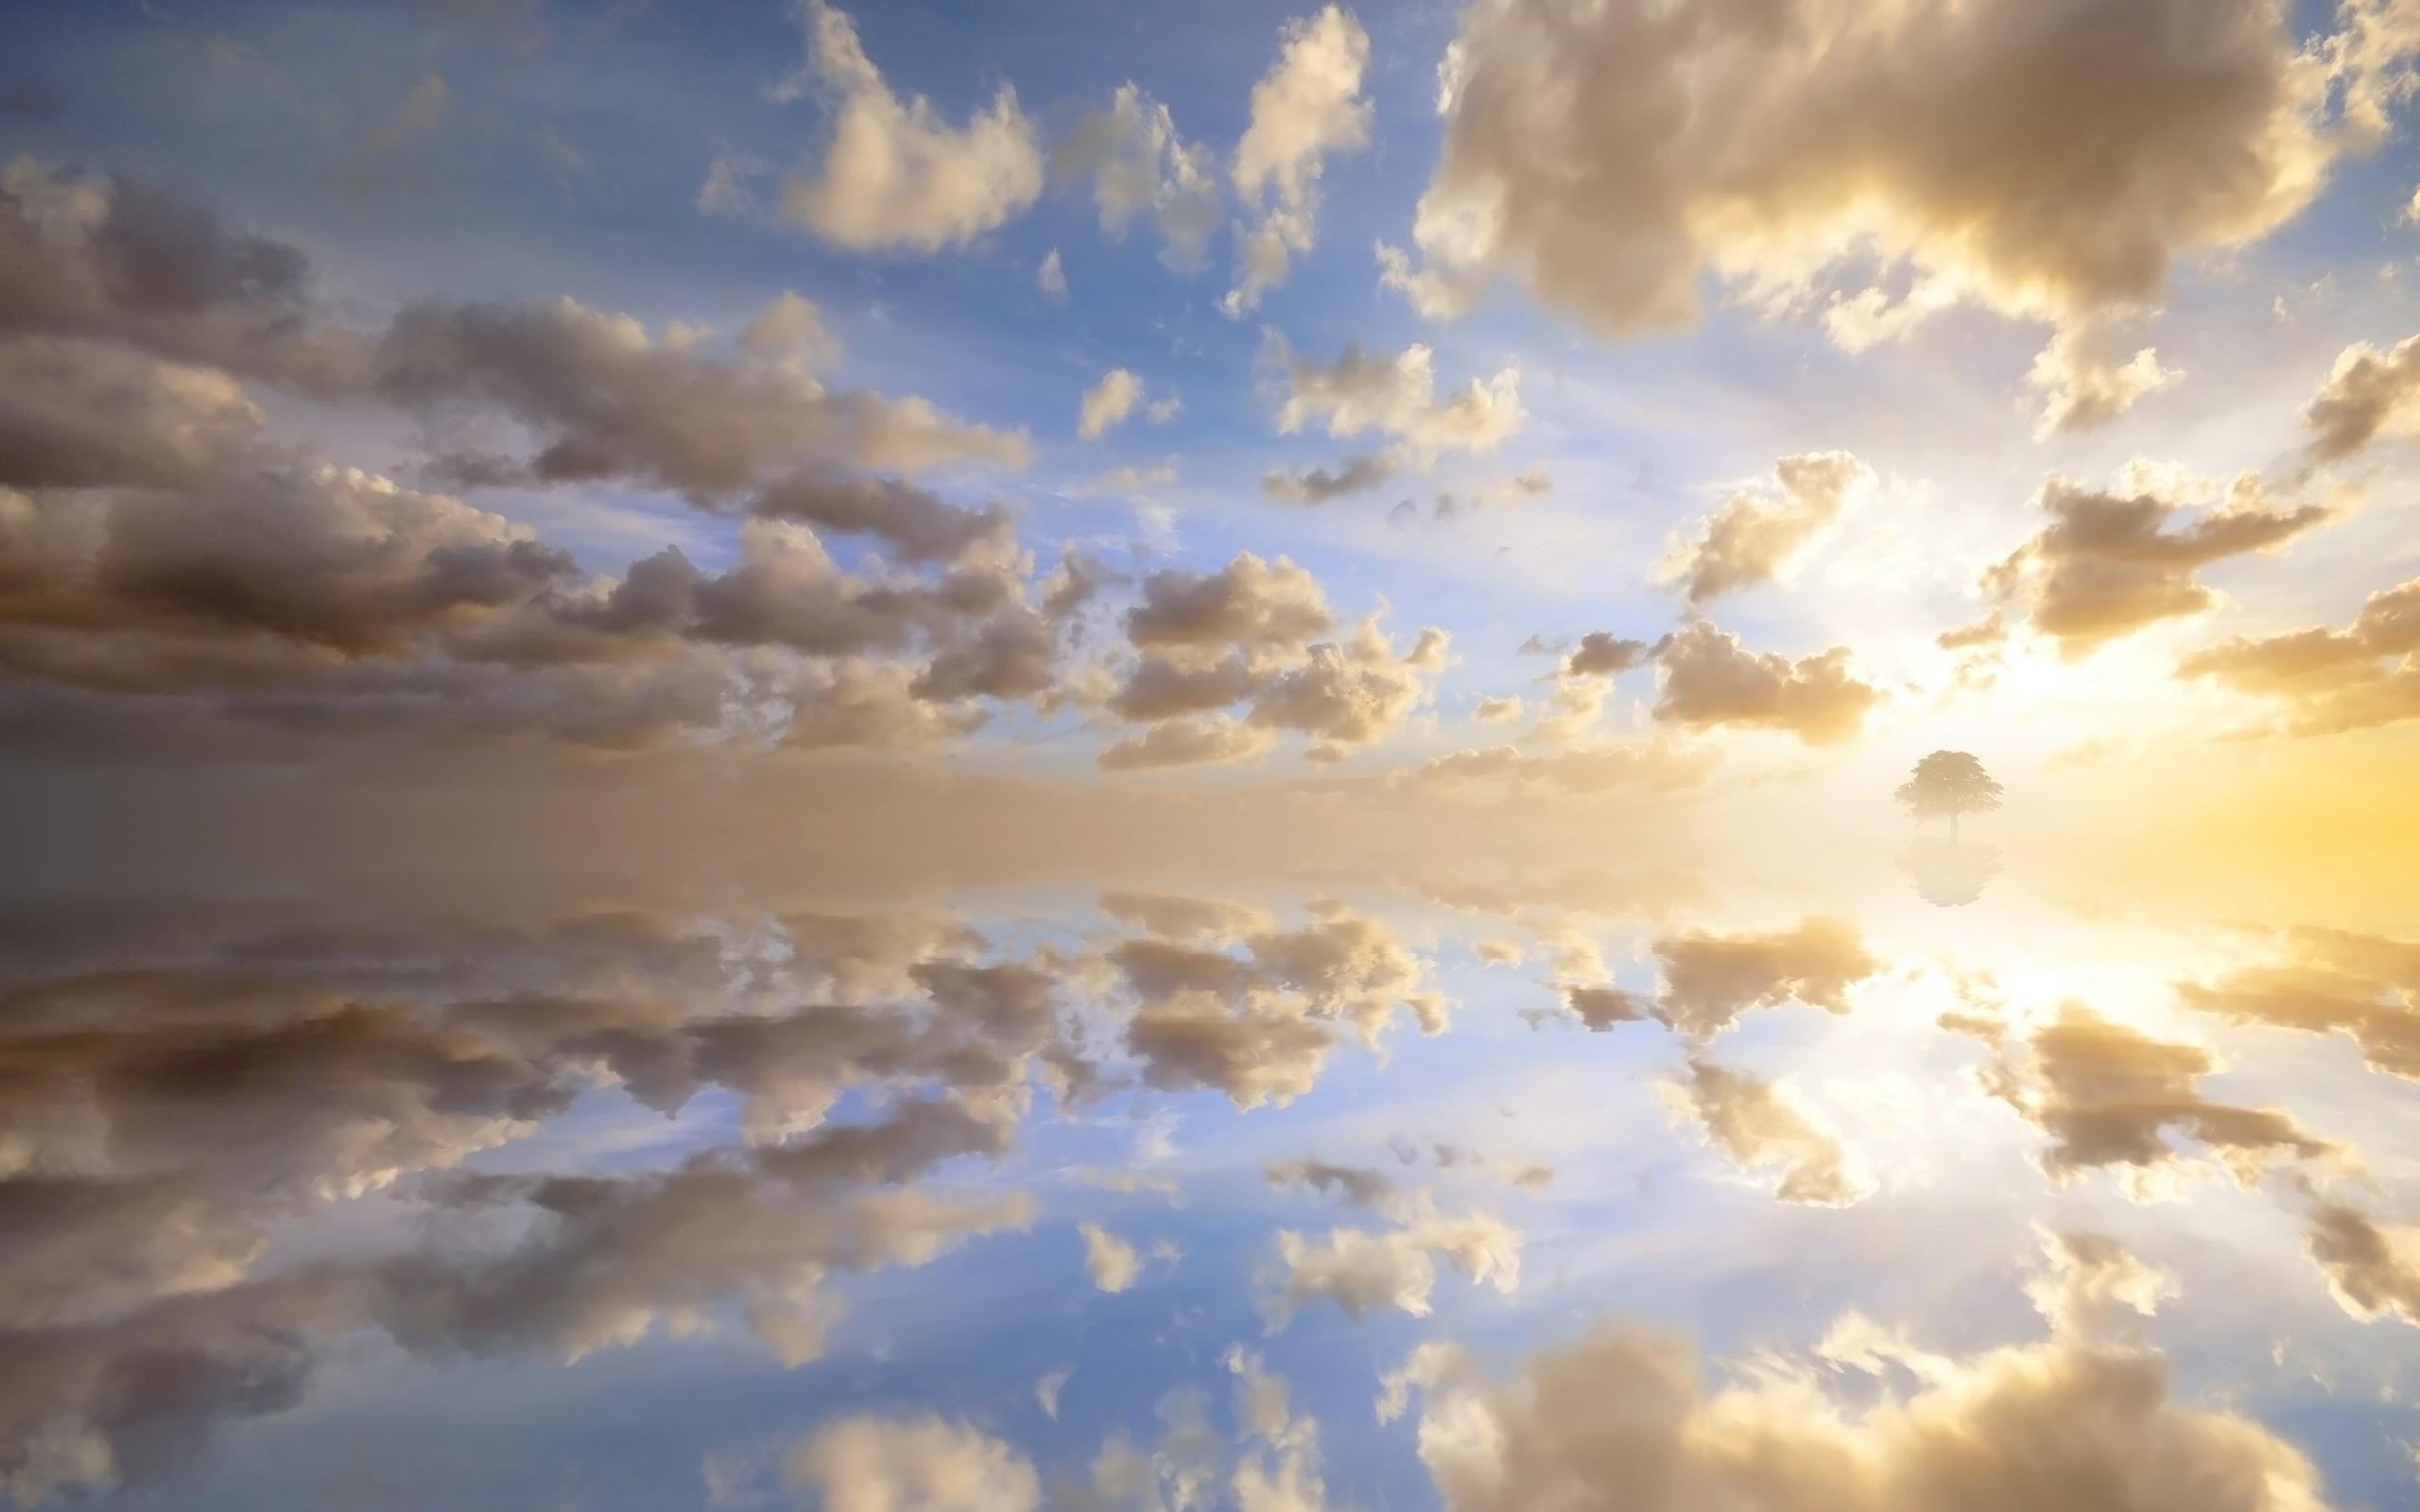 природа небо облака солнце горизонт  № 1275901 загрузить